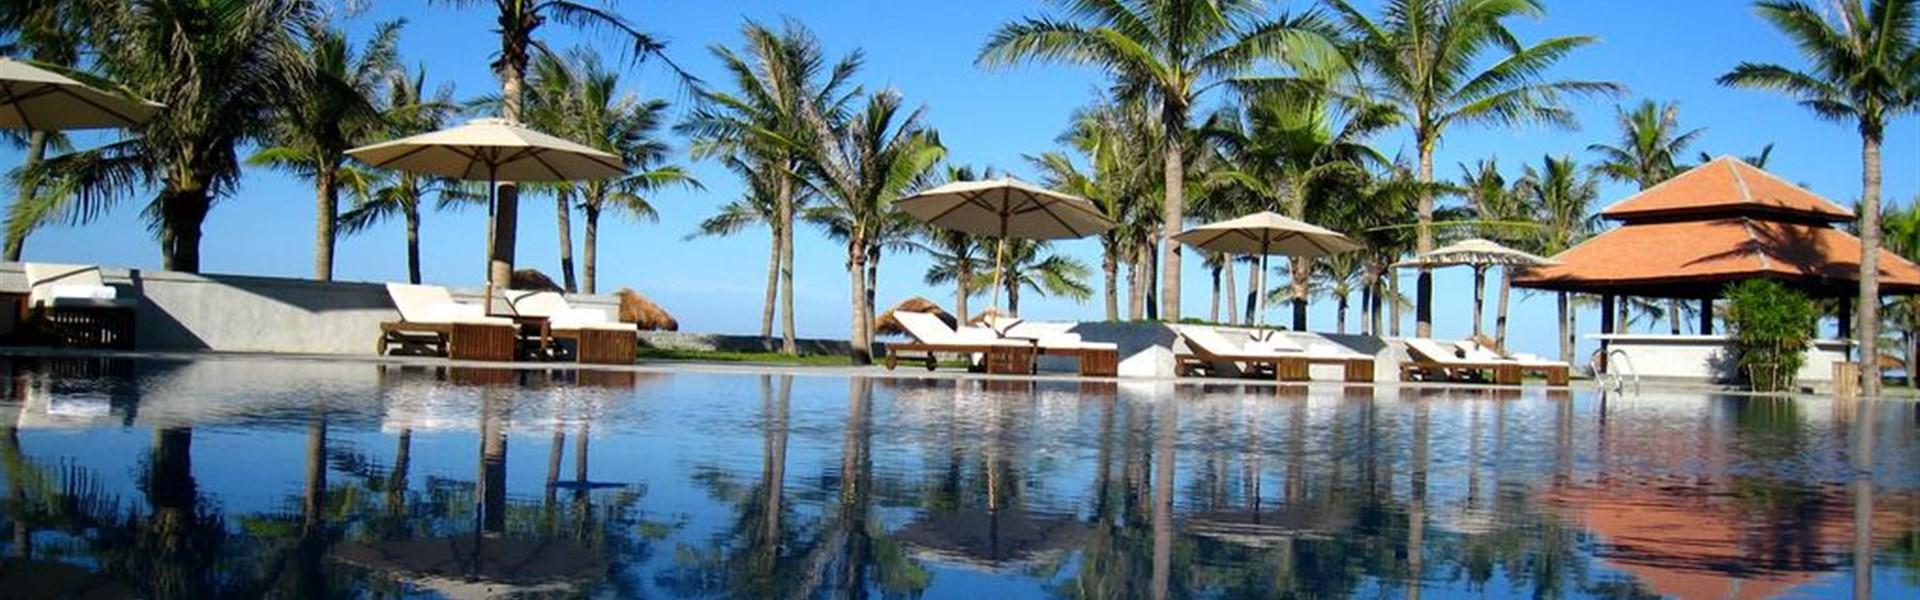 Zájezd k moři - Hue - Ana Mandara Hue Resort